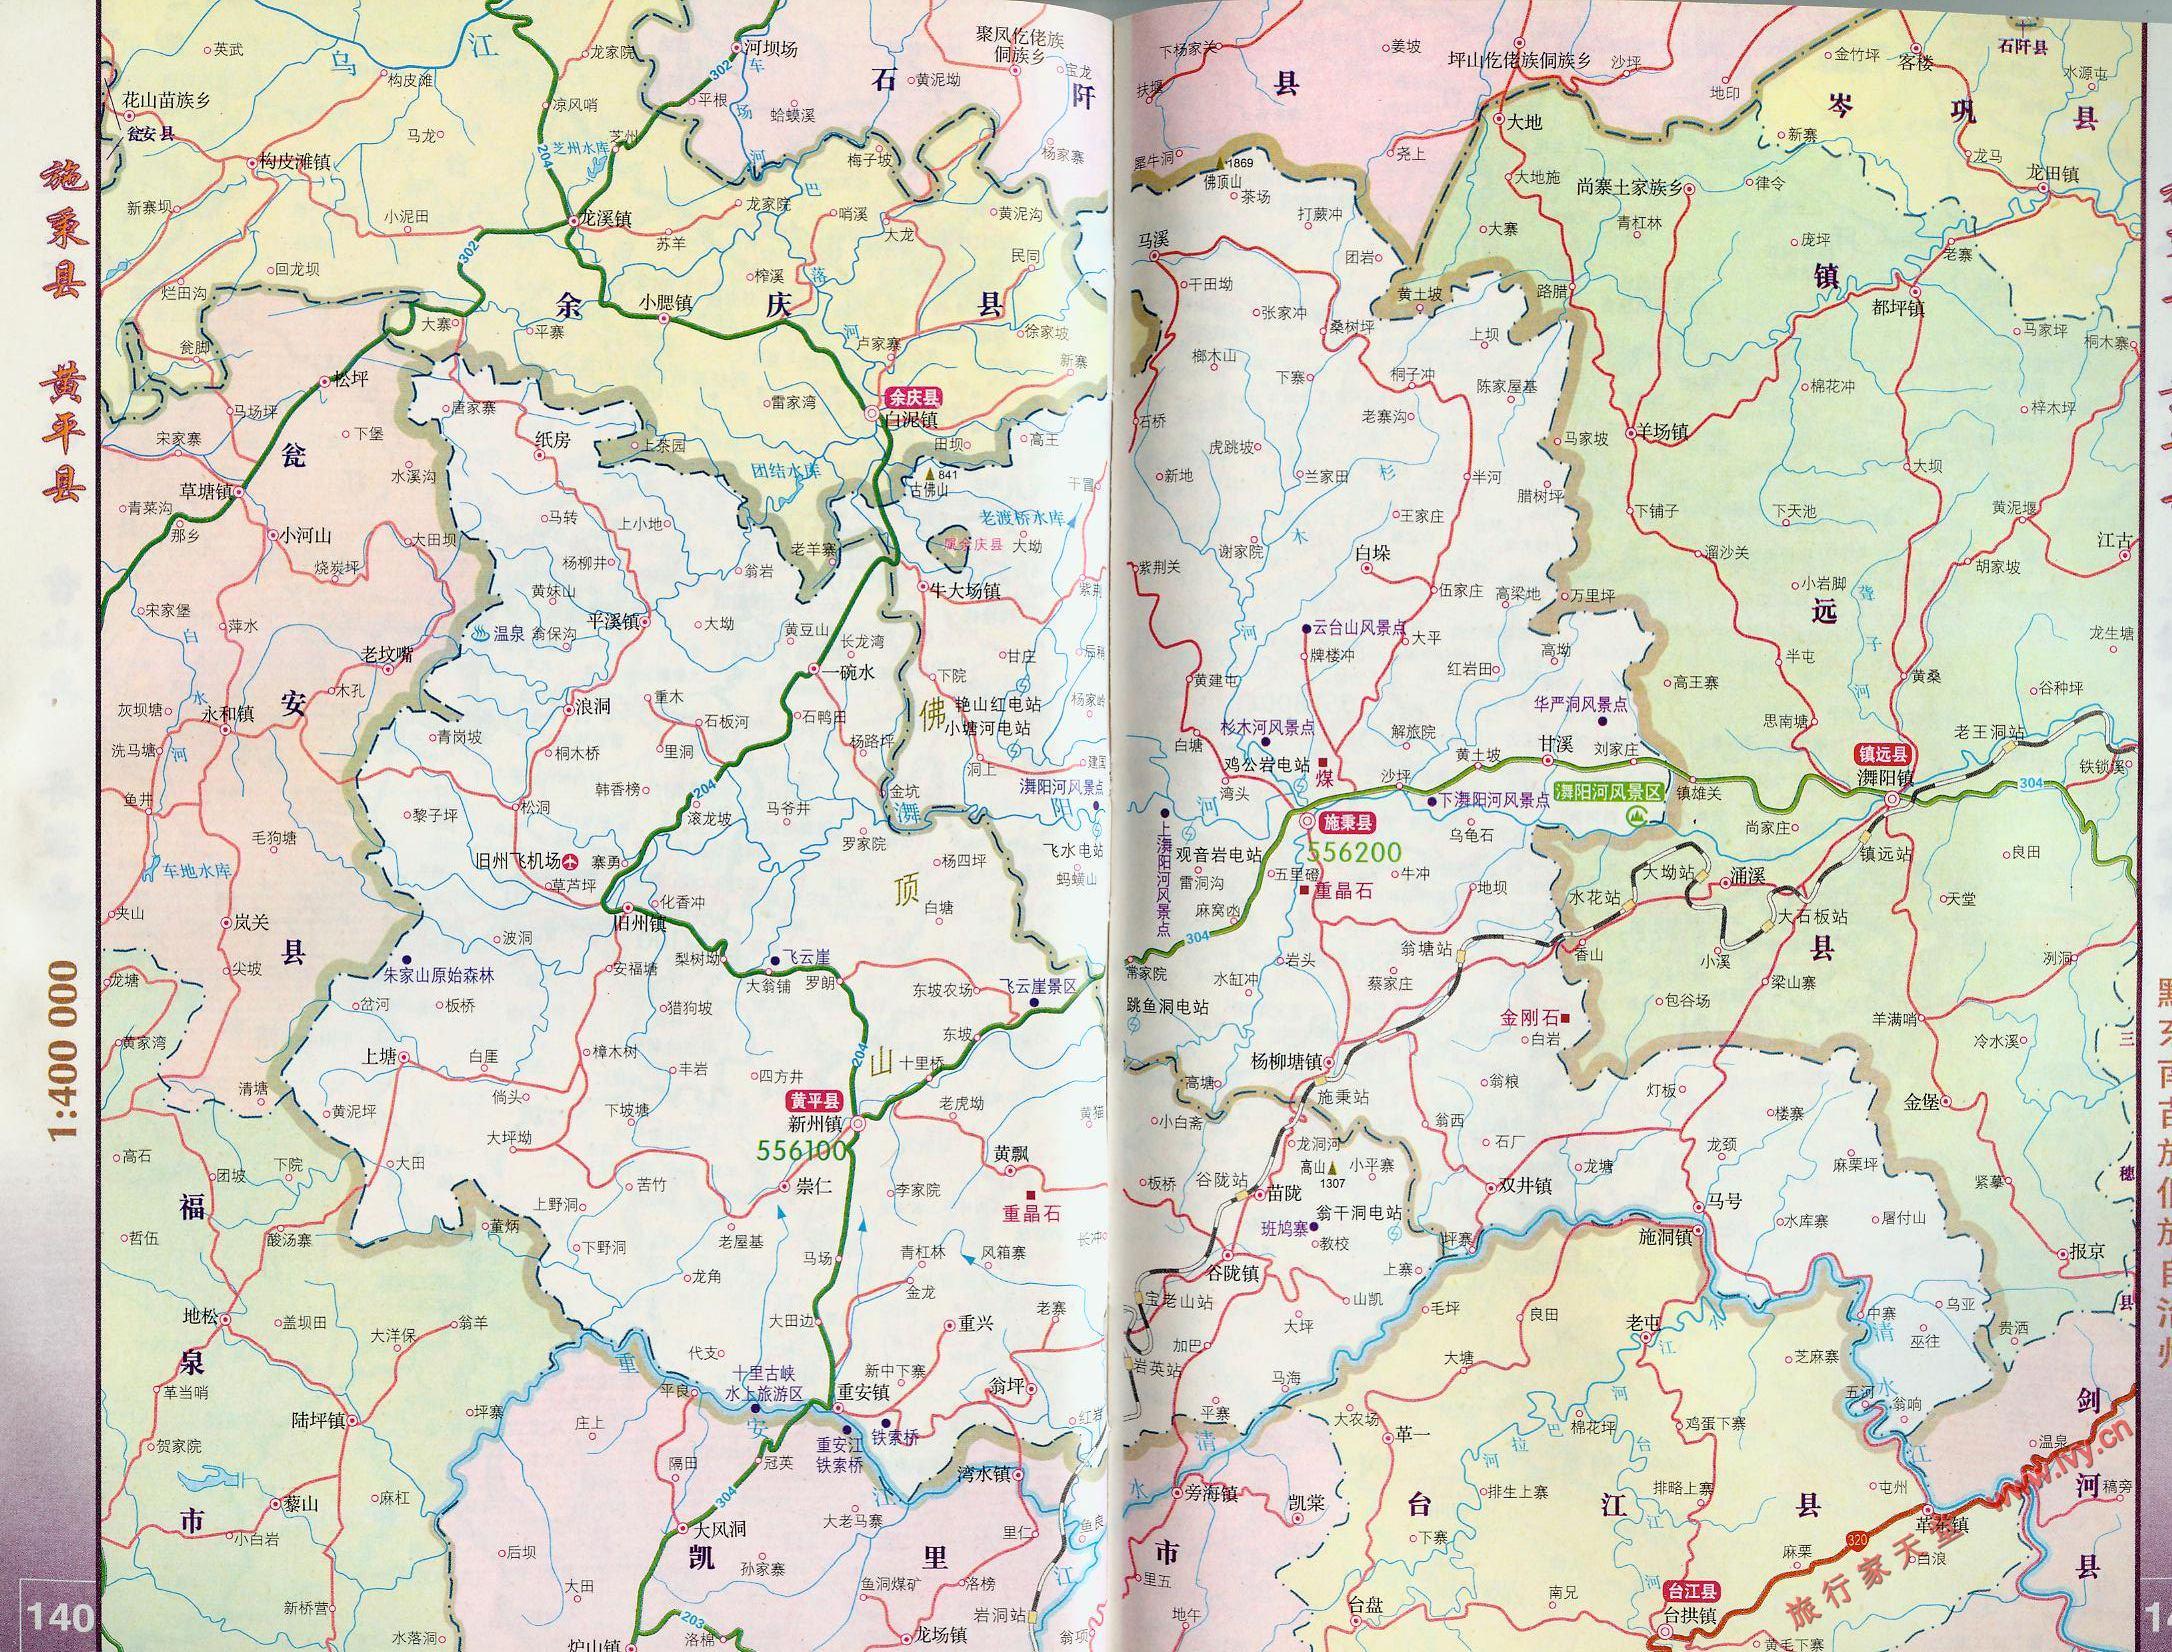 黄平县地图